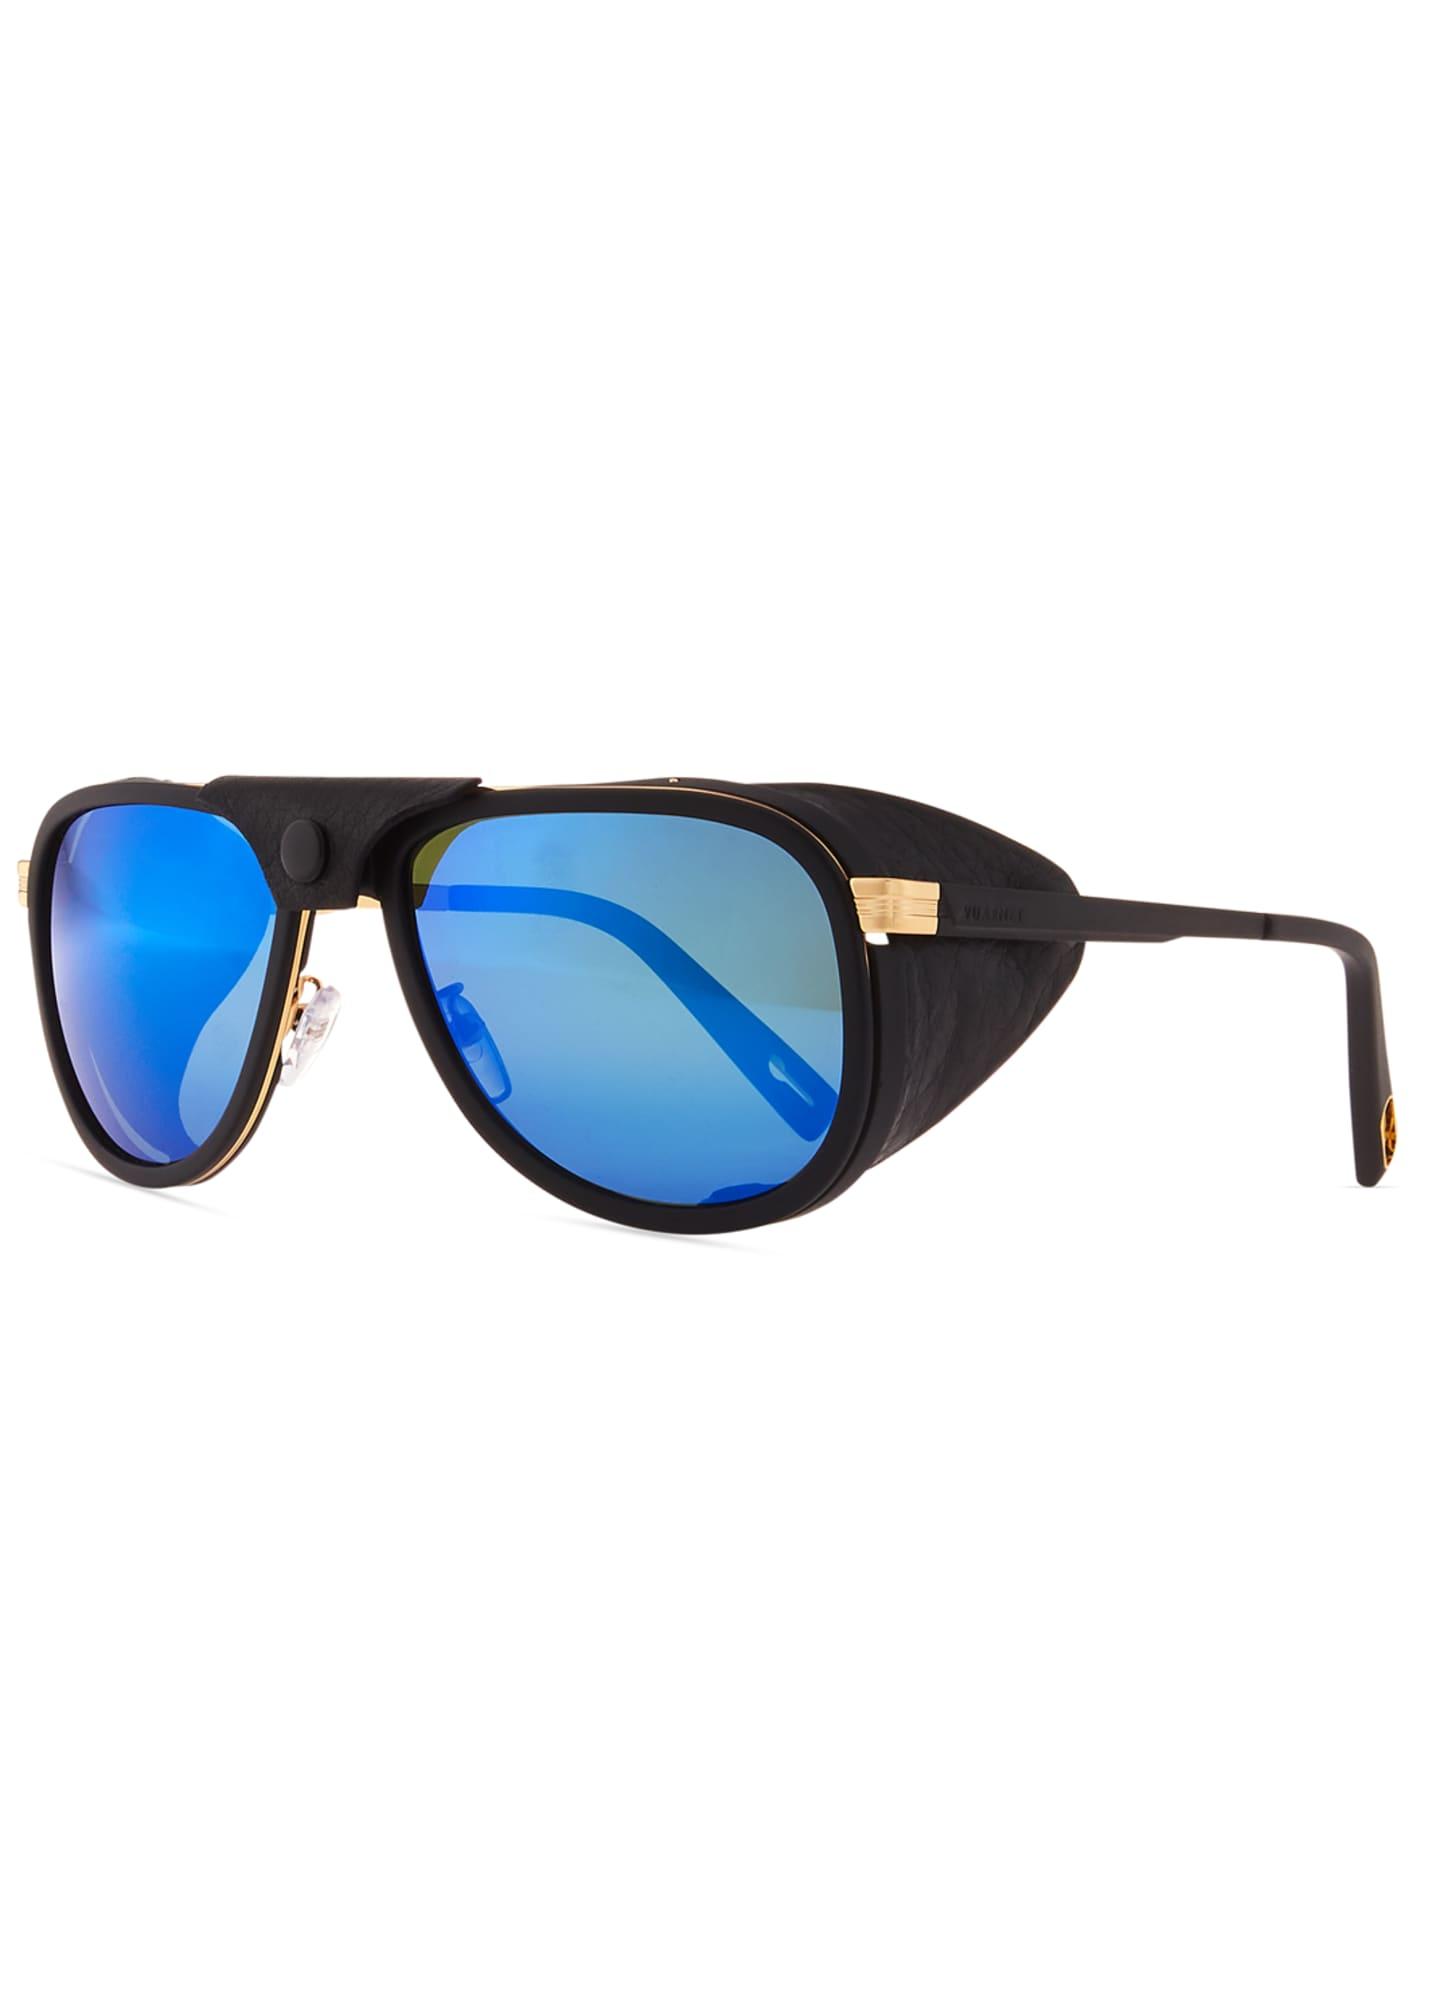 Vuarnet Glacier Pilot Sport Polarized Sunglasses with Detachable